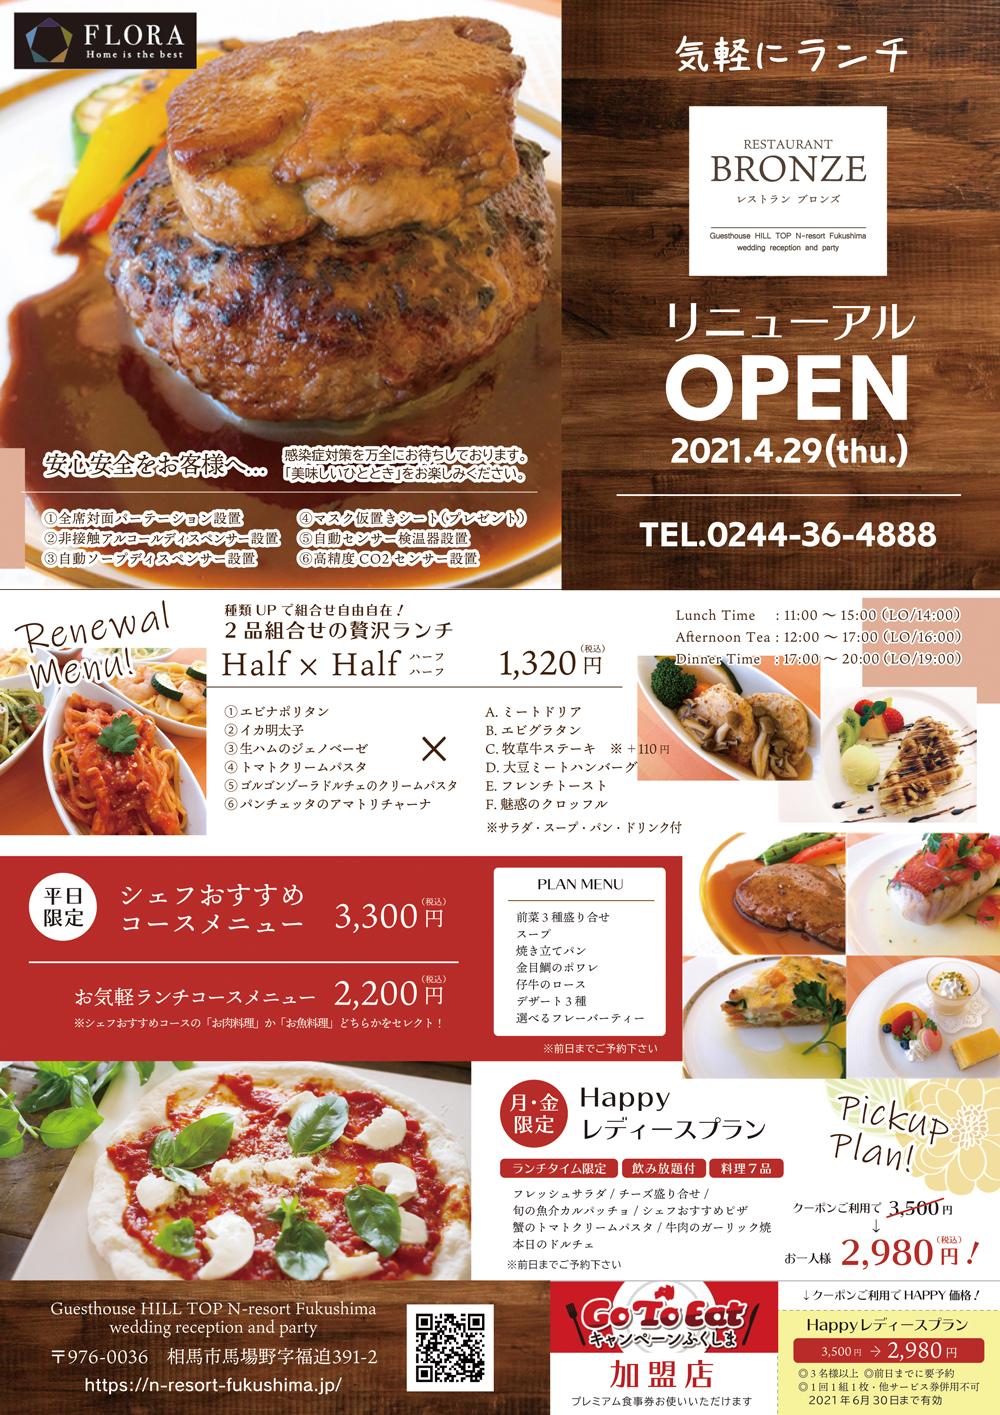 【レストランBRONZE】GWより、メニュー・館内リニューアル!【福島】